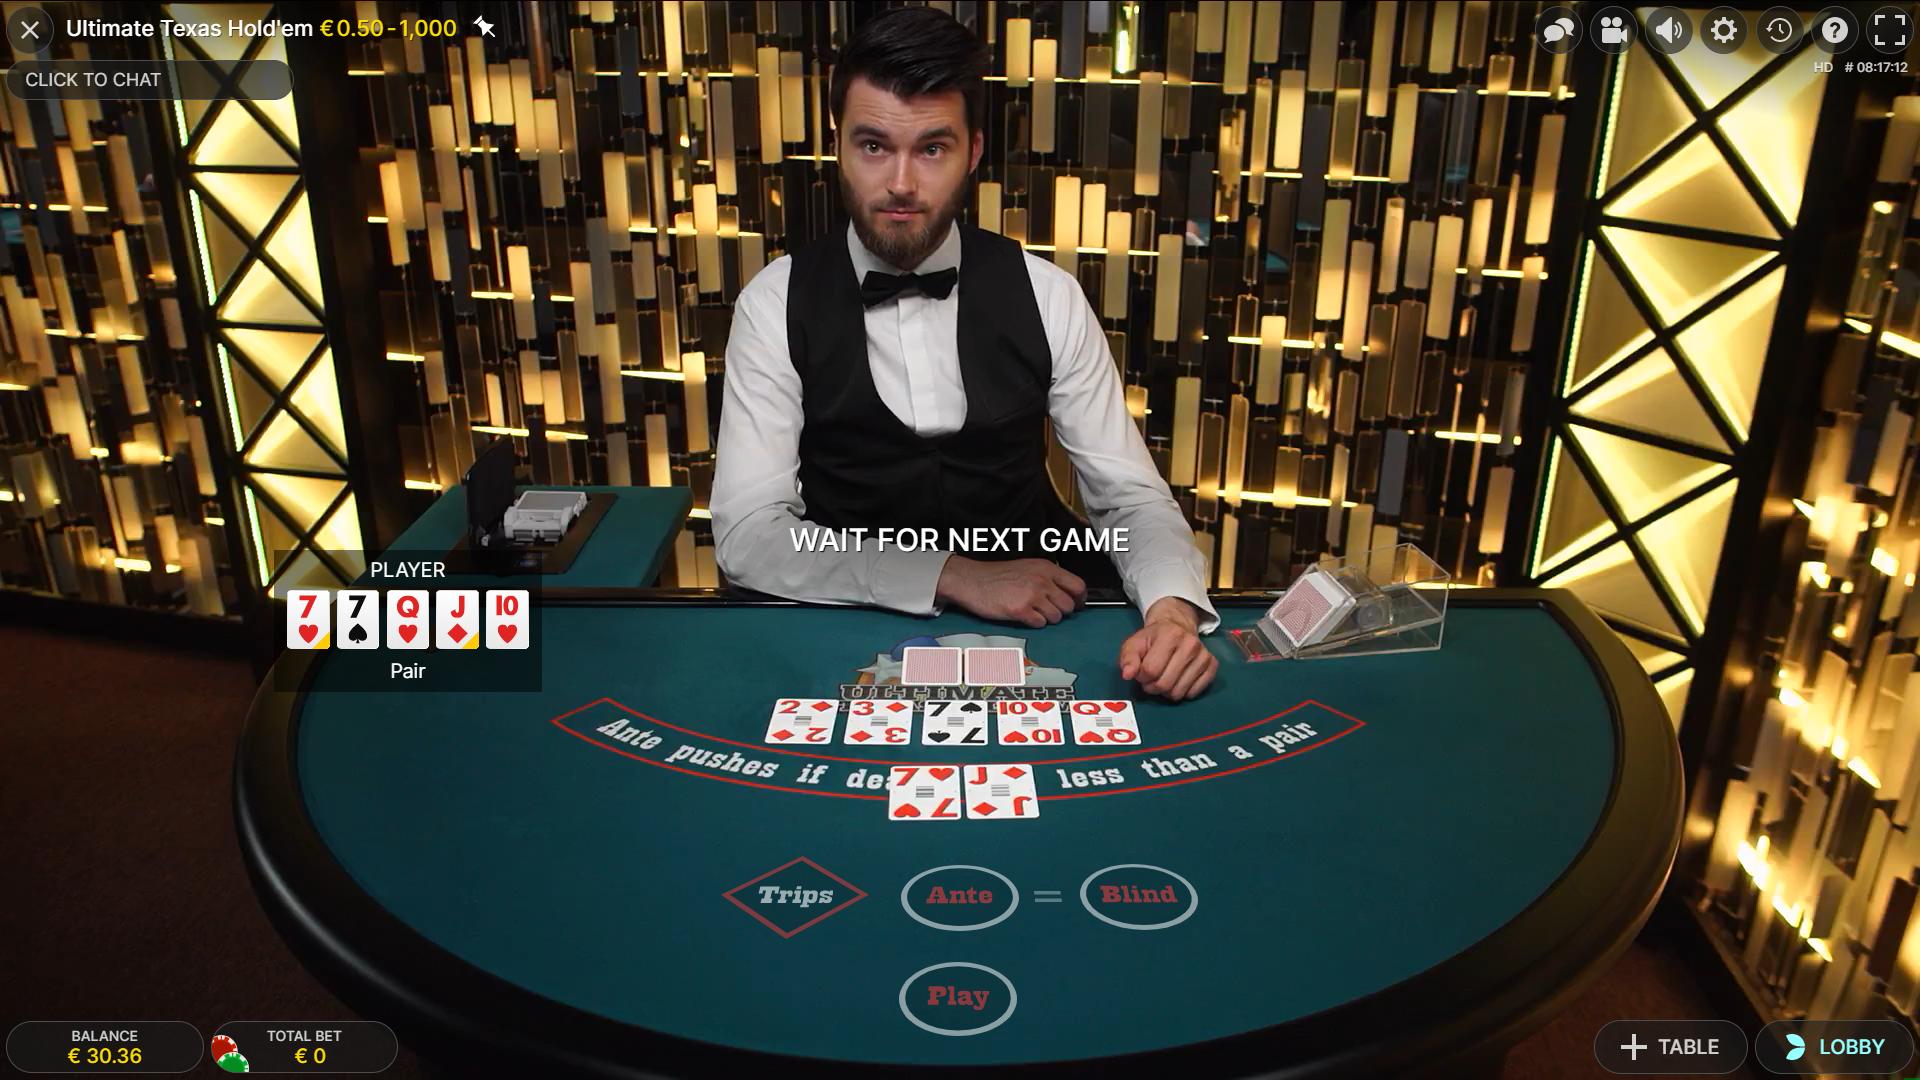 ultimate texas holdem evolution gaming pokeris kazino azartiniai kortu zaidimai - dalintojas - kaip islosti kazino